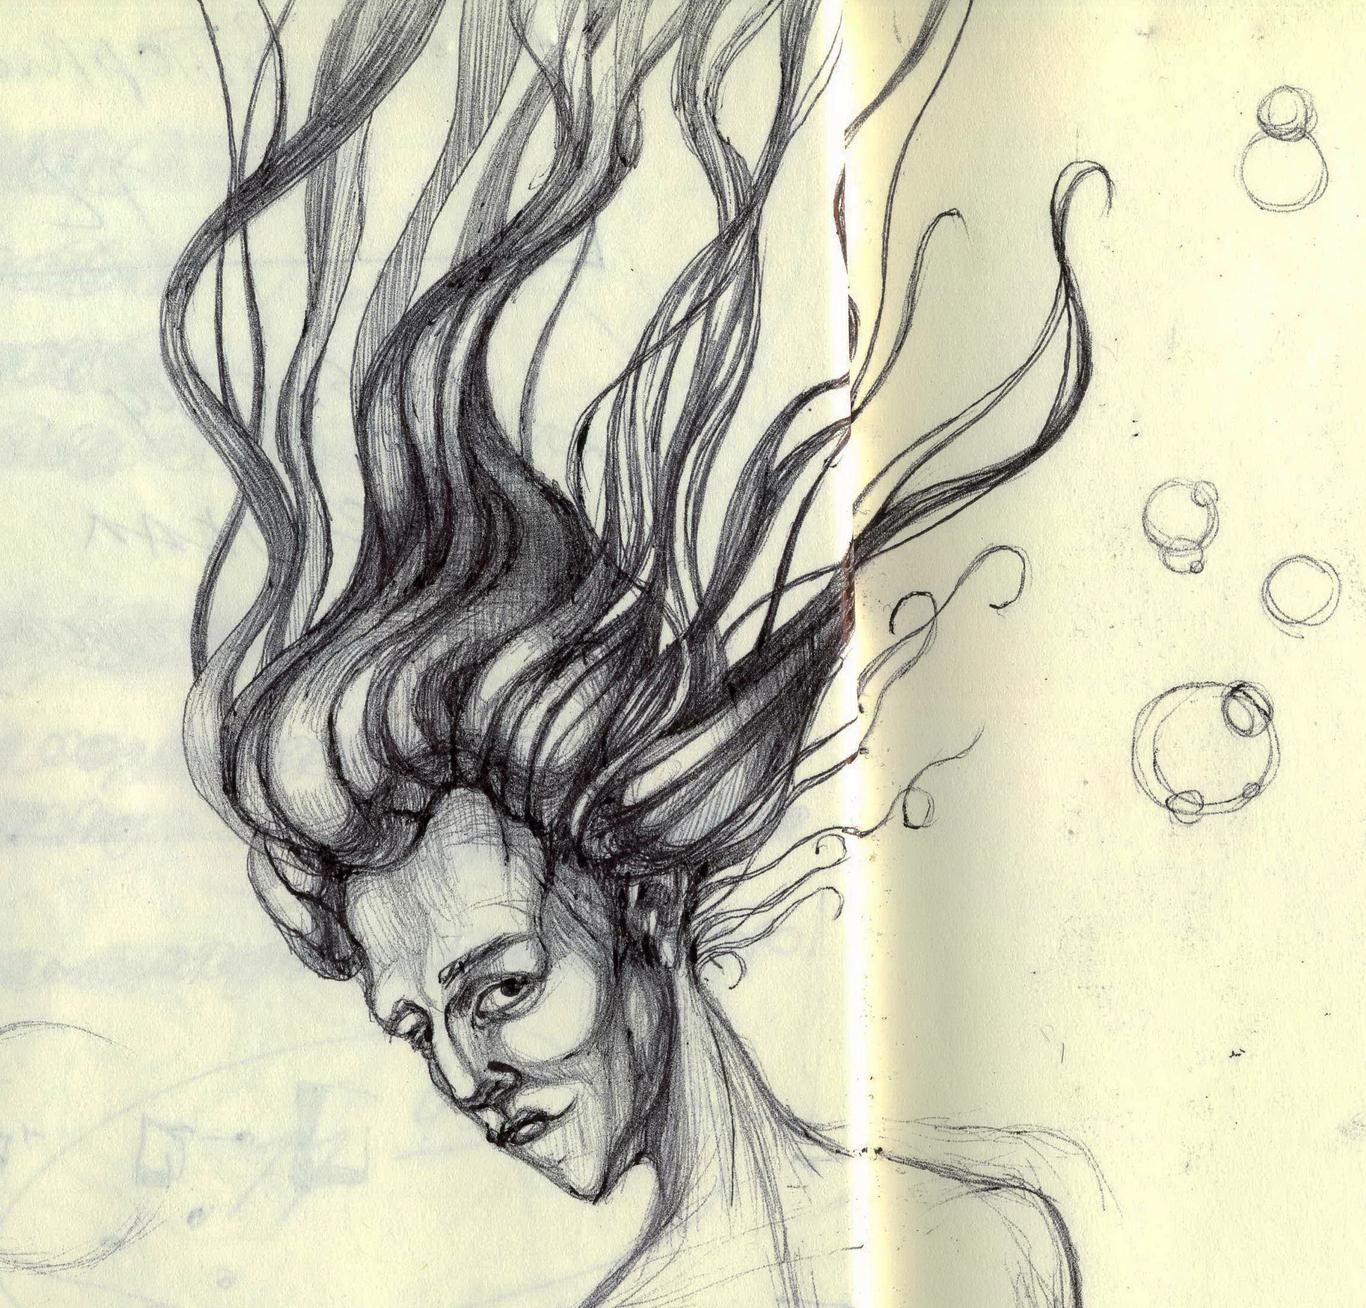 Salamandra 1 sketch 1 1c070660 ogz7